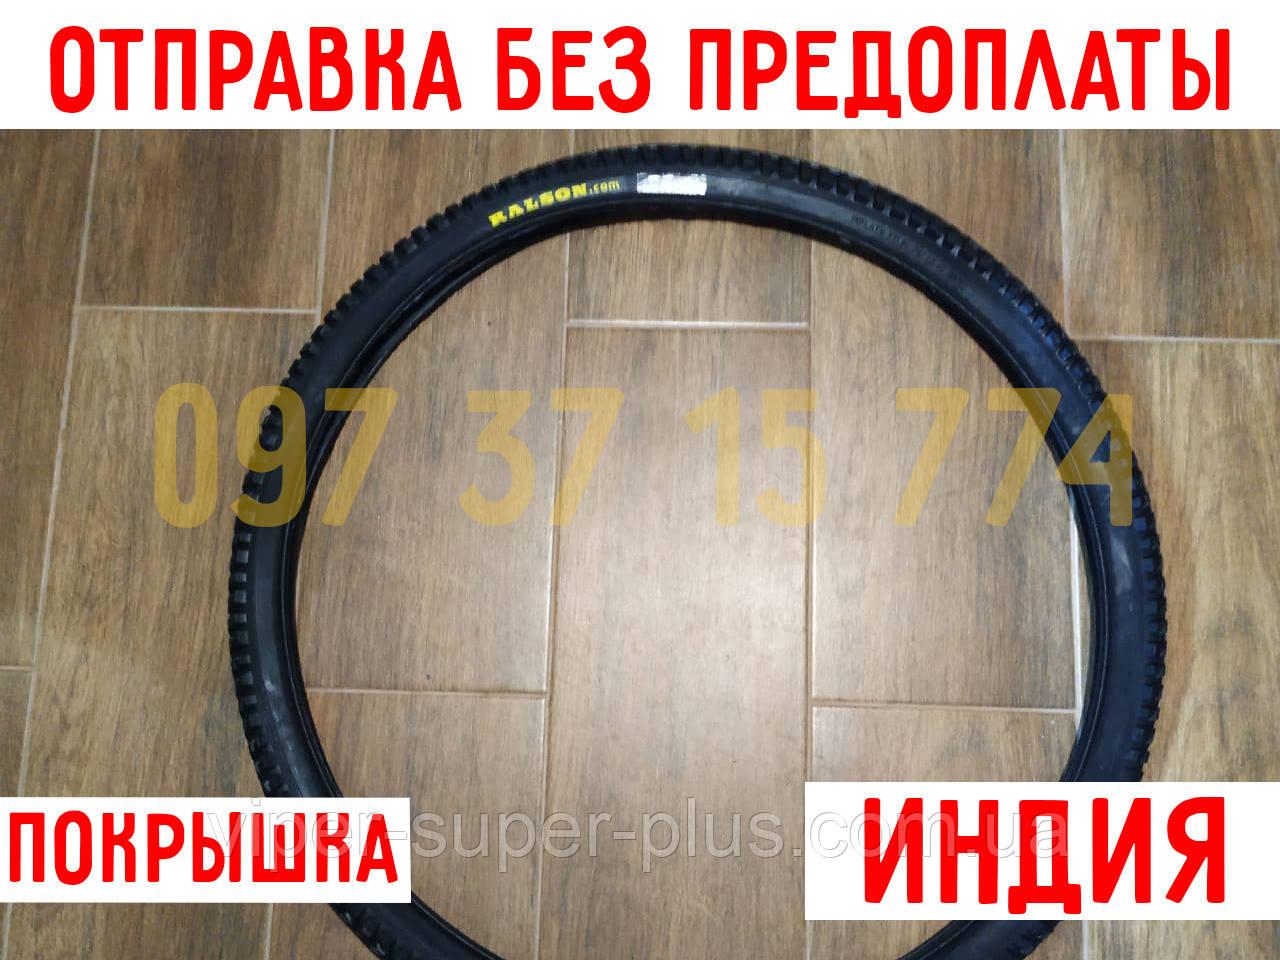 ✅ Покрышка (Шина) на Велосипед Ralson R4122 28x1.75 - STORM, ТОПОВЫЙ ПРОТЕКТОР (ВСЕСЕЗОН)